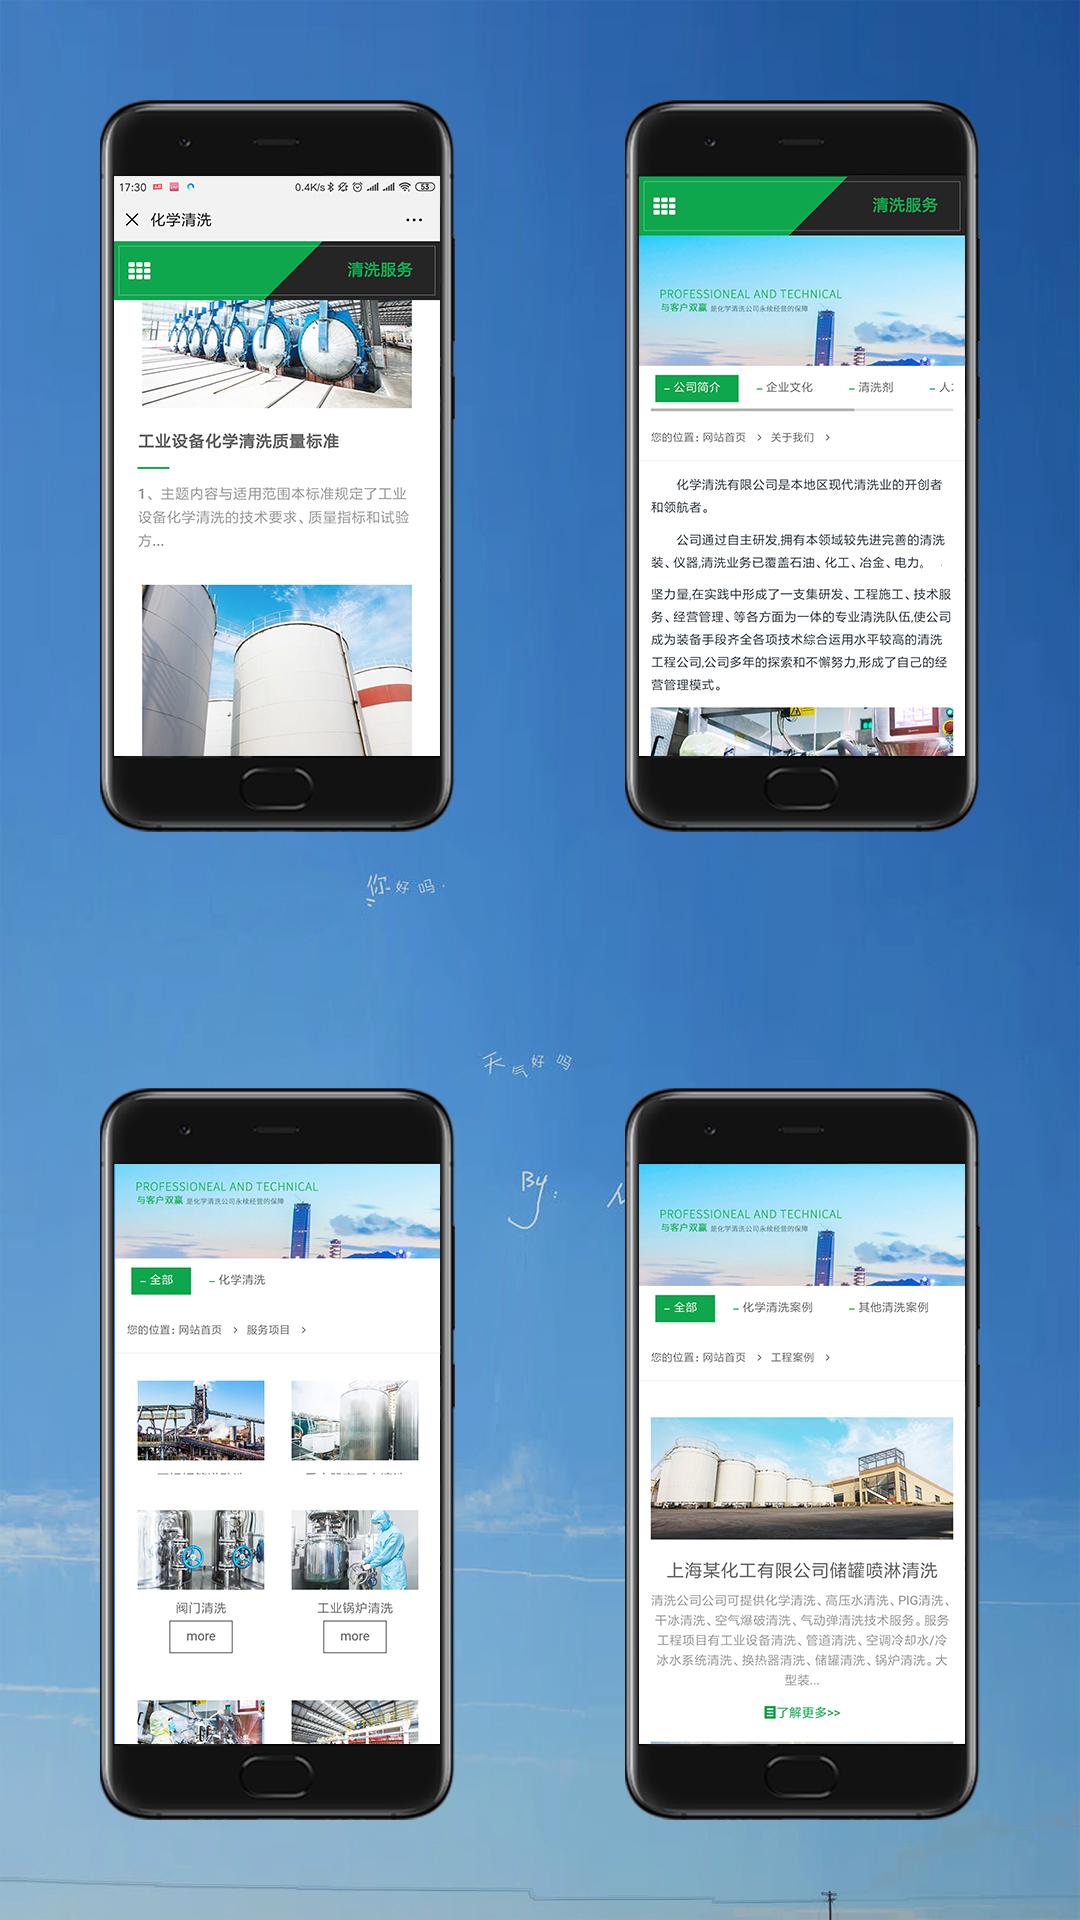 清洗技术手机网站UI界面